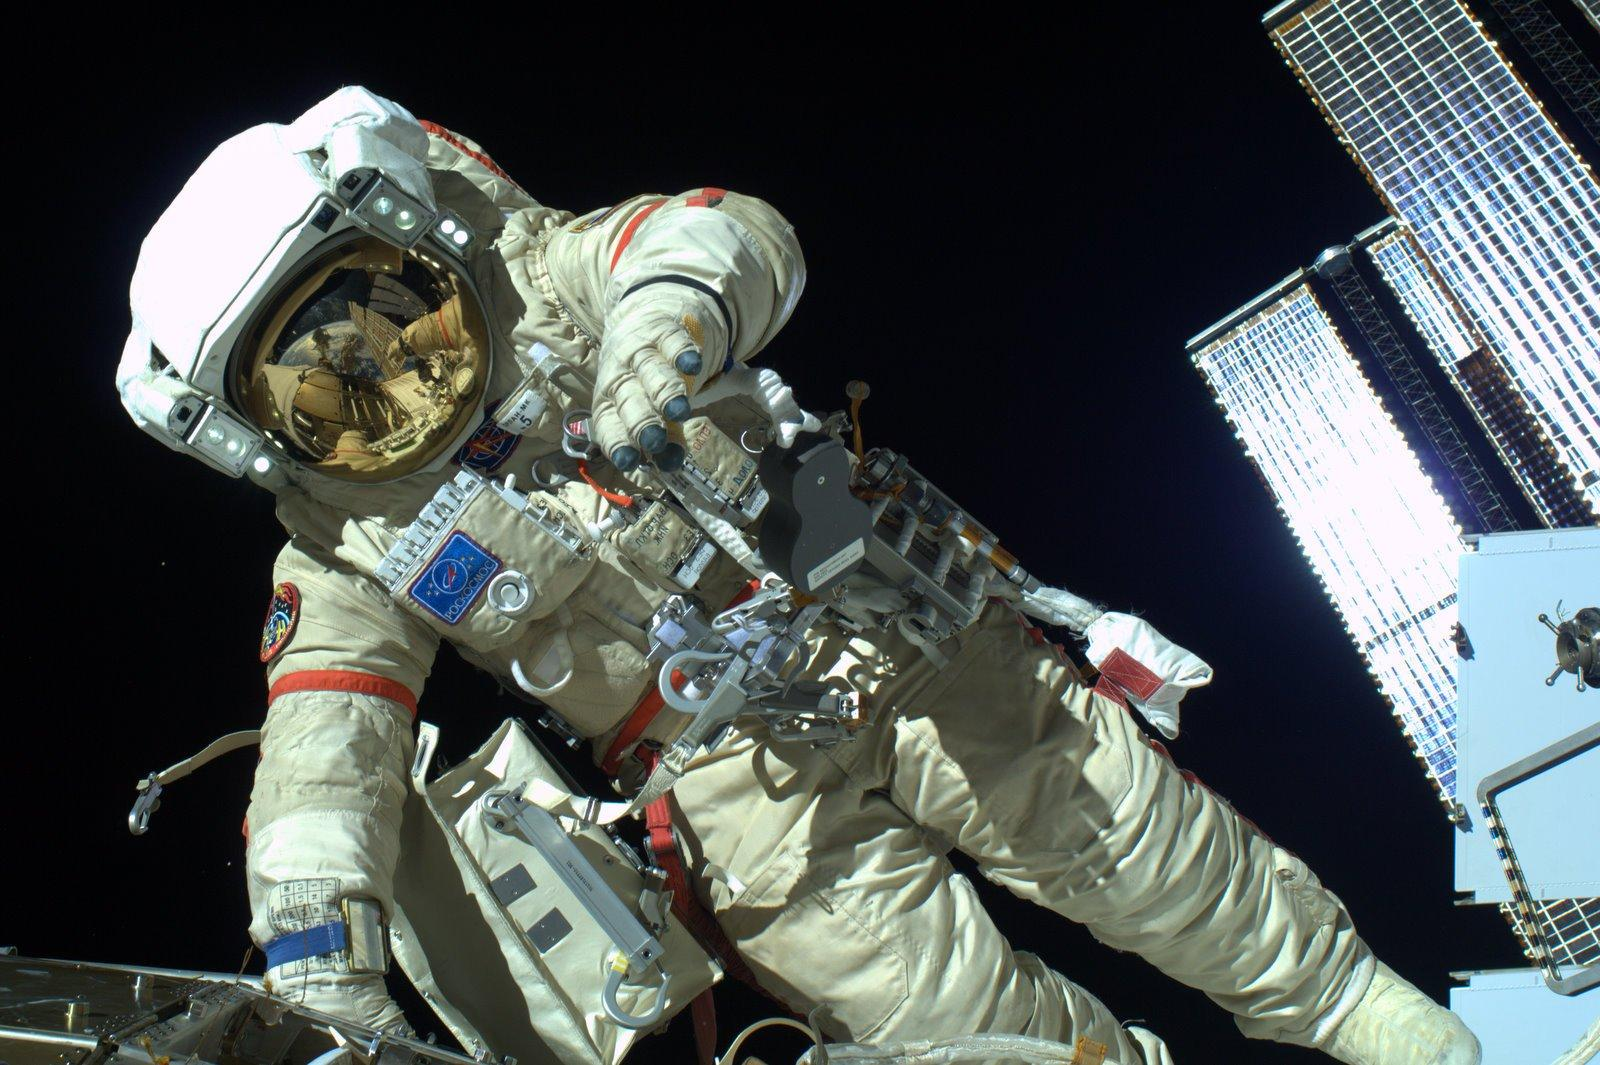 США вынуждаютРФ строить лунную станцию по североамериканским стандартам